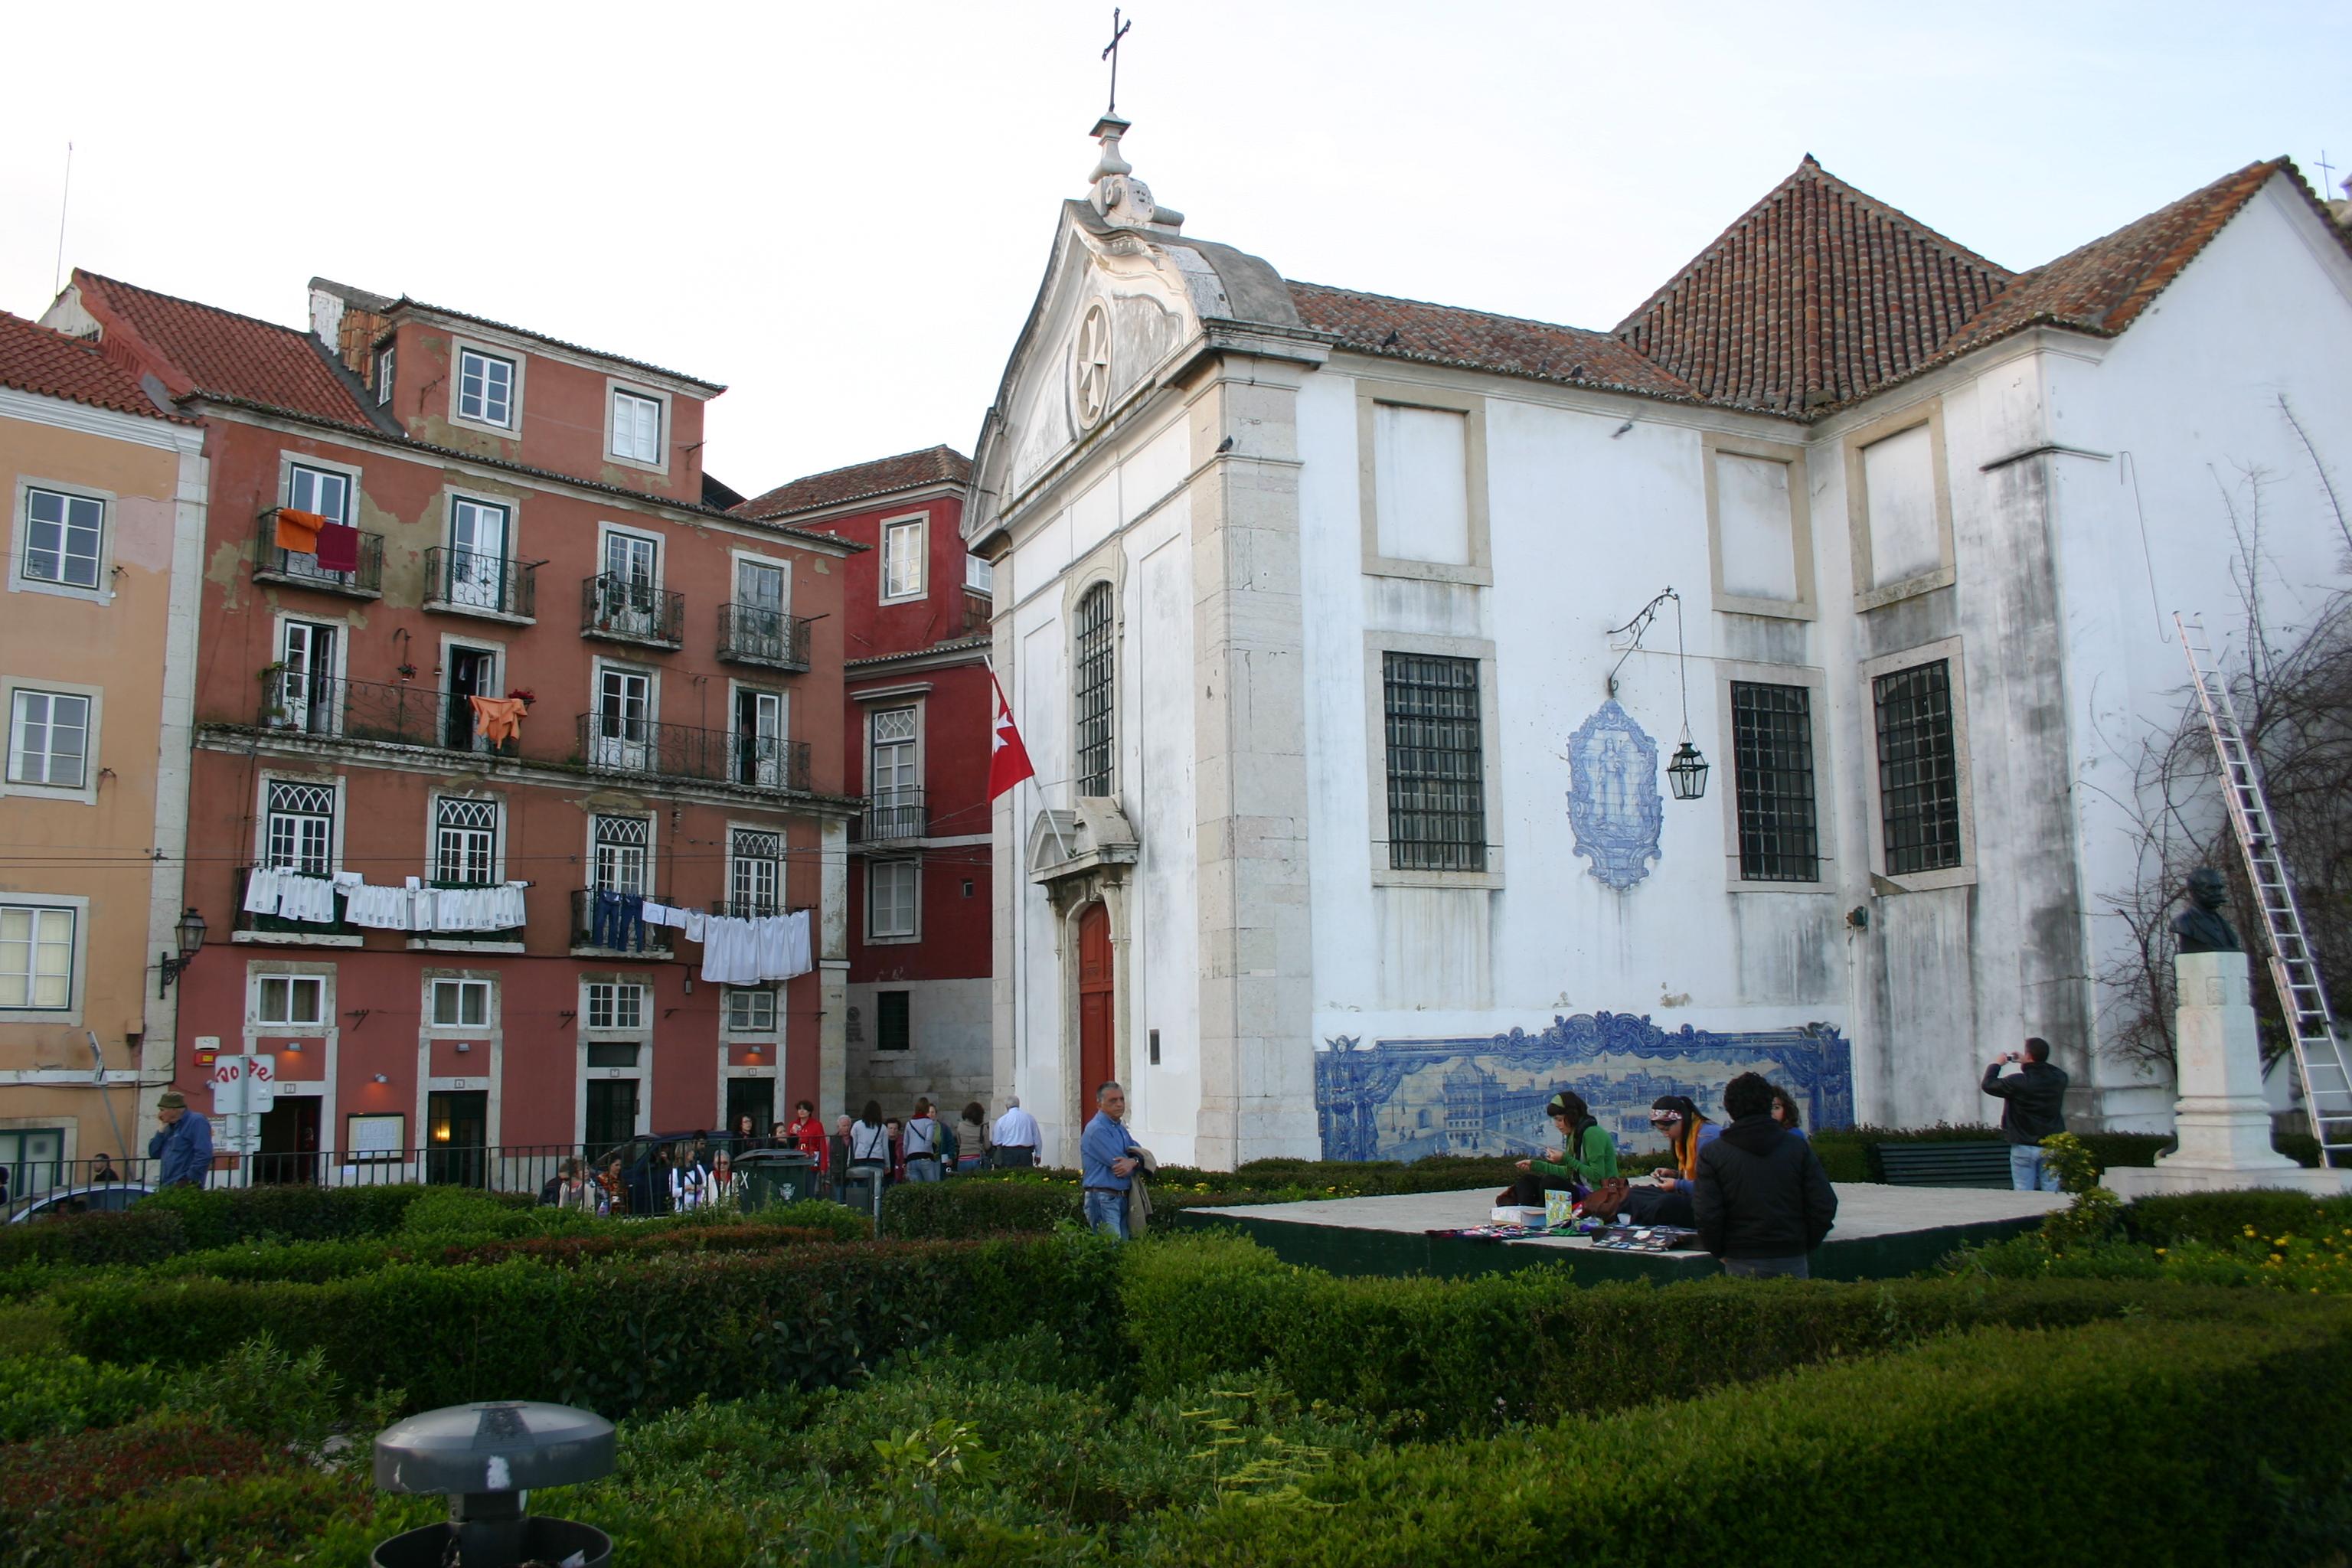 Lissabon in Portugal: Aussichtspunkt Santa Luzia vorbei. Kunsthandwerkerinnen fertigen Souvenirs, bunte Wäsche trocknet an opulent gekachelten Häuserfassaden